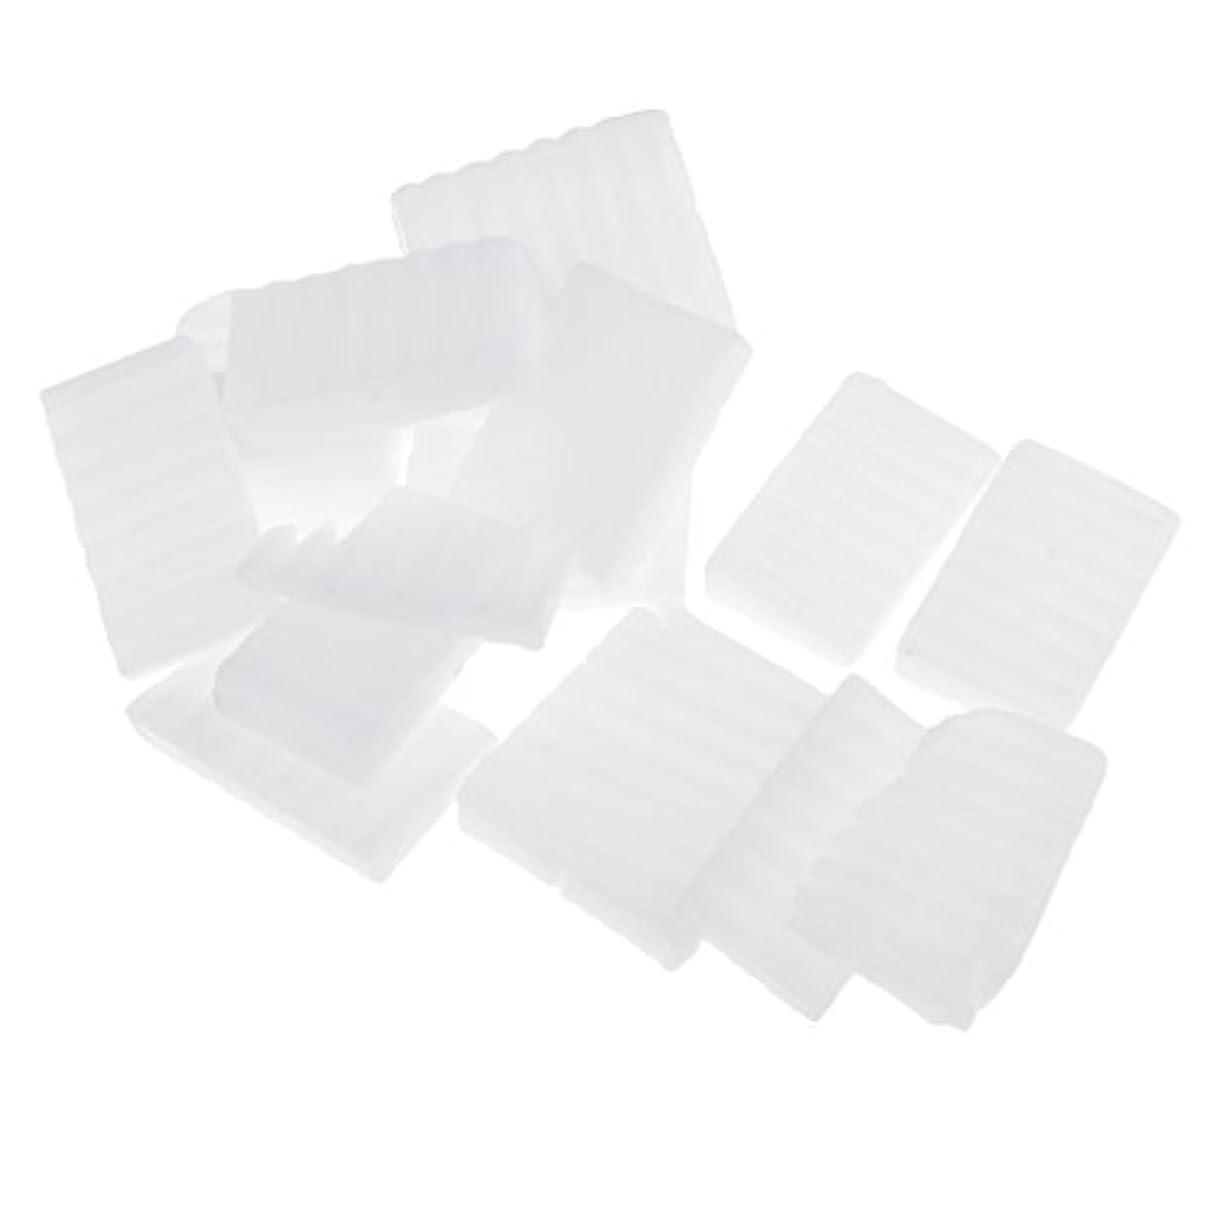 完全に乾く偶然メンバー約500g ホワイト 石鹸ベース DIY 手作り 石鹸 材料